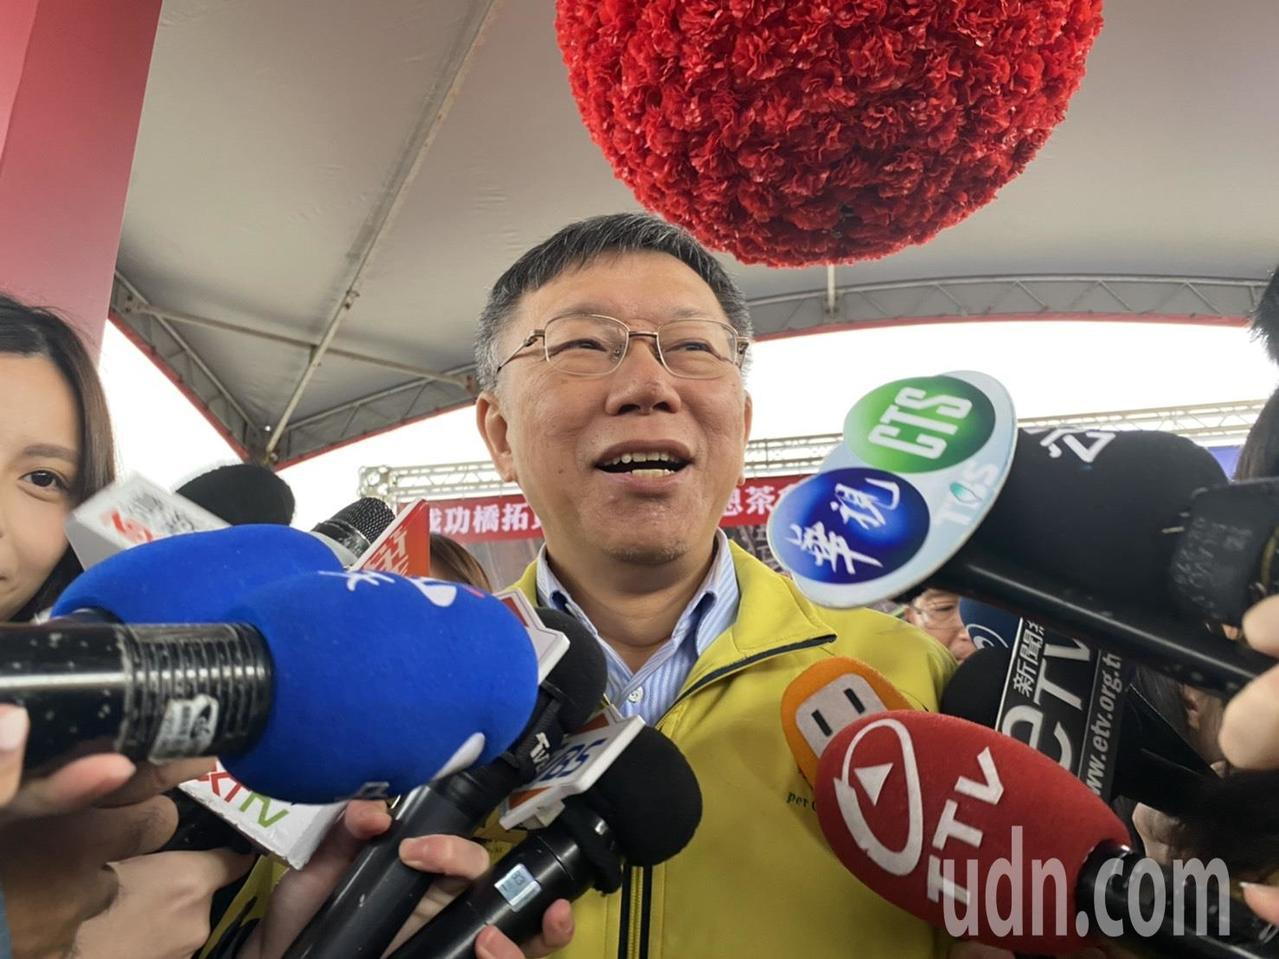 台北市長柯文哲出席成功橋拓寬竣工茶會後接受媒體聯訪。記者魏莨伊/攝影